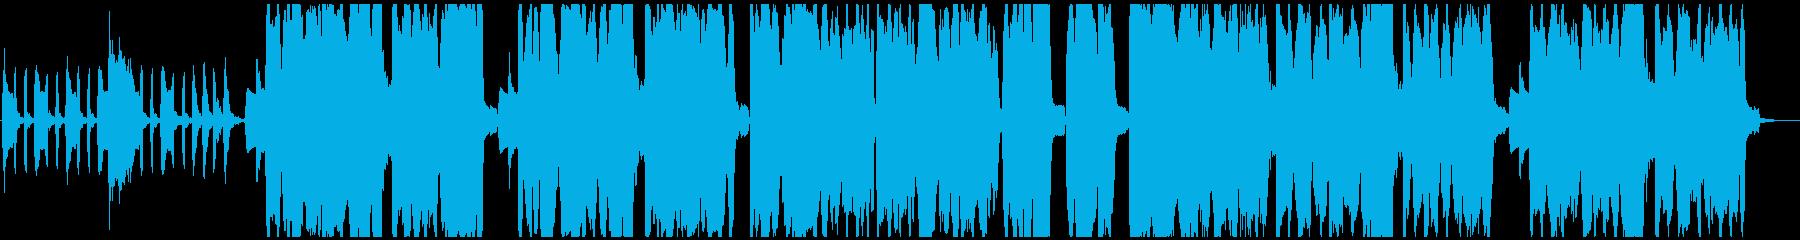 少しコミカルな三拍子のハロウィン風BGMの再生済みの波形